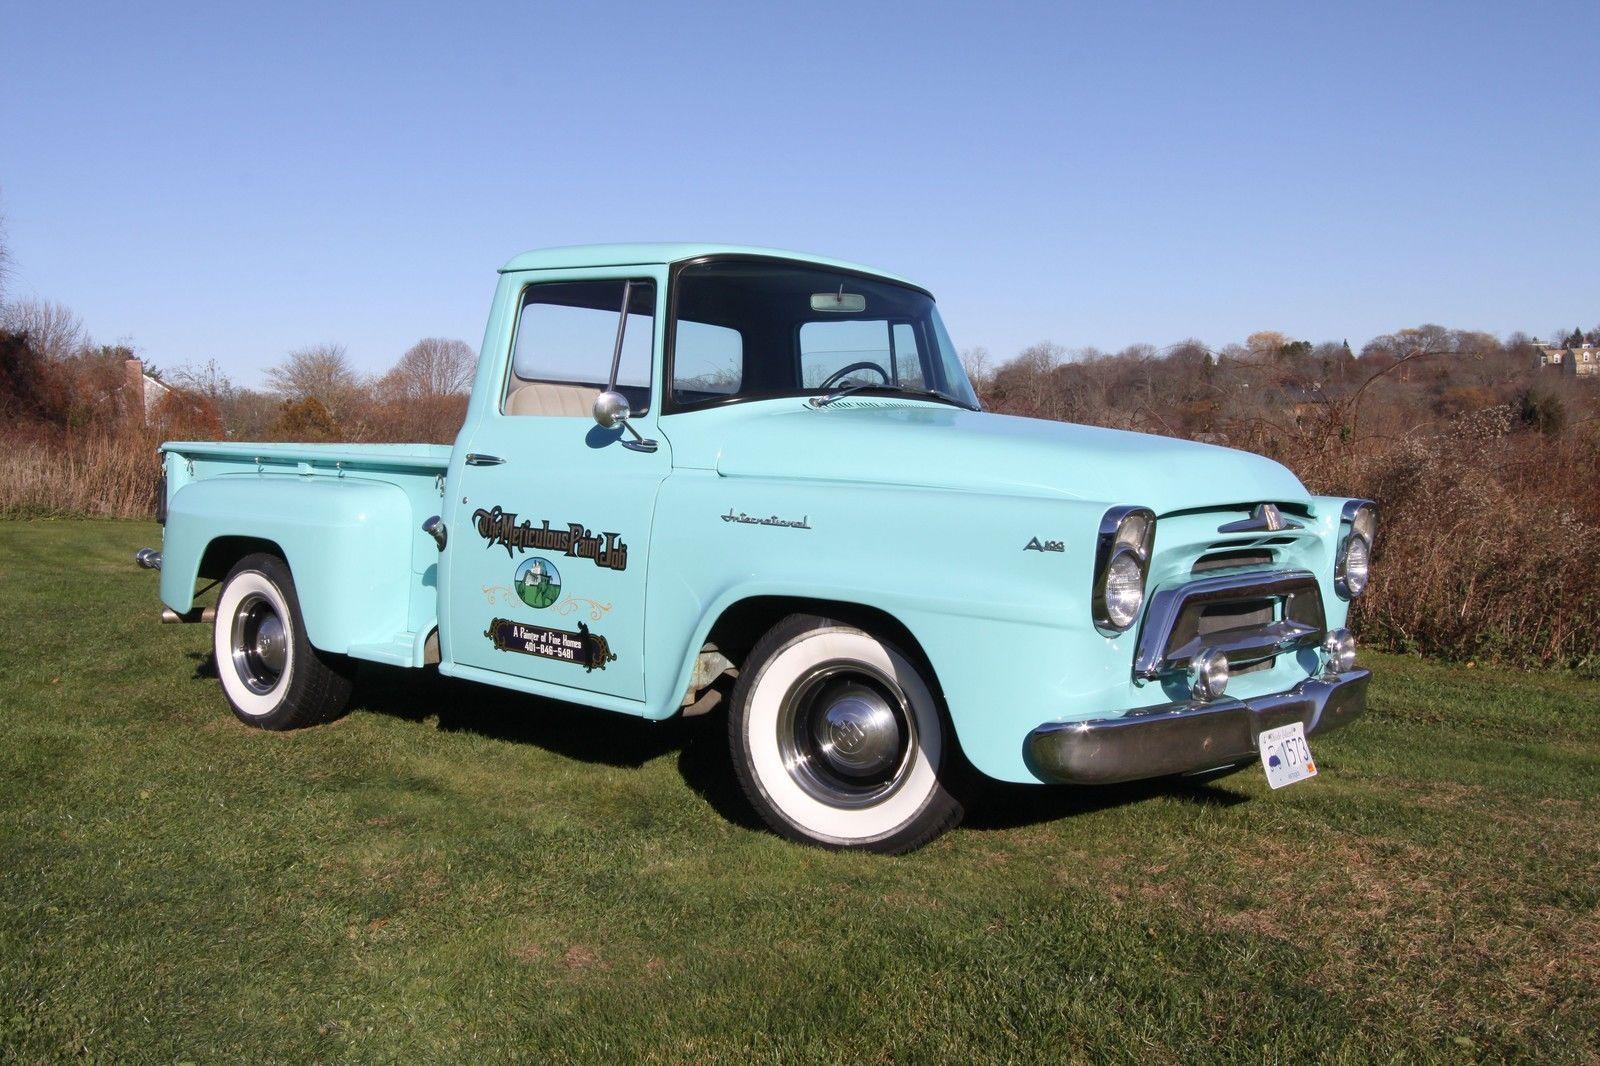 1957 international a 100 international harvester trucks pinterest - Moissonneuse cars ...